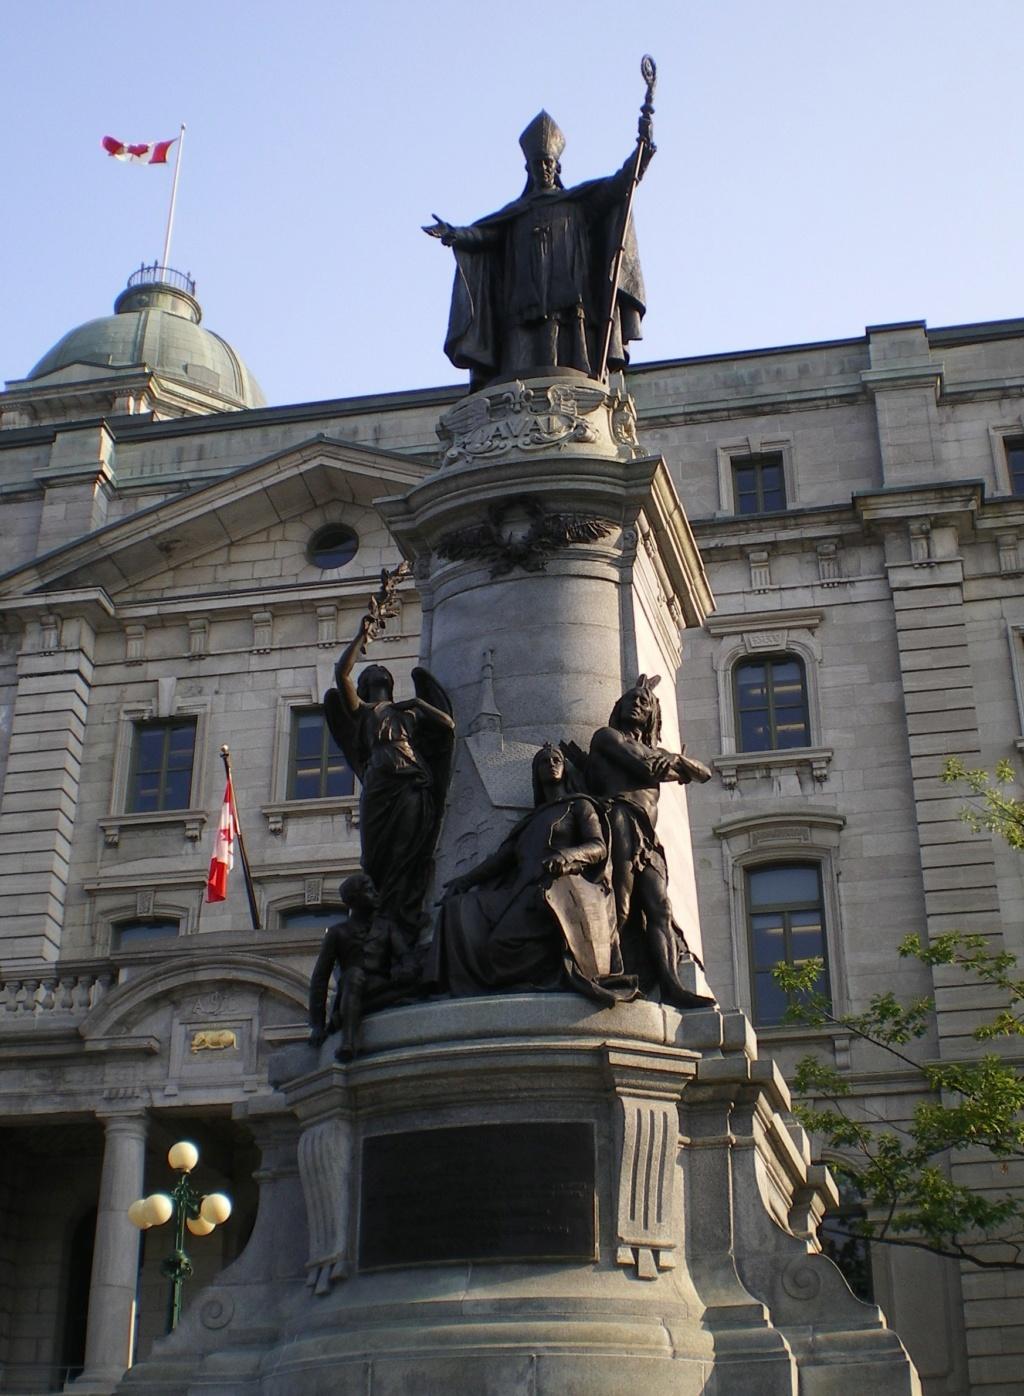 Une visite à notre Passeur au Québec - Page 9 Imgp1314